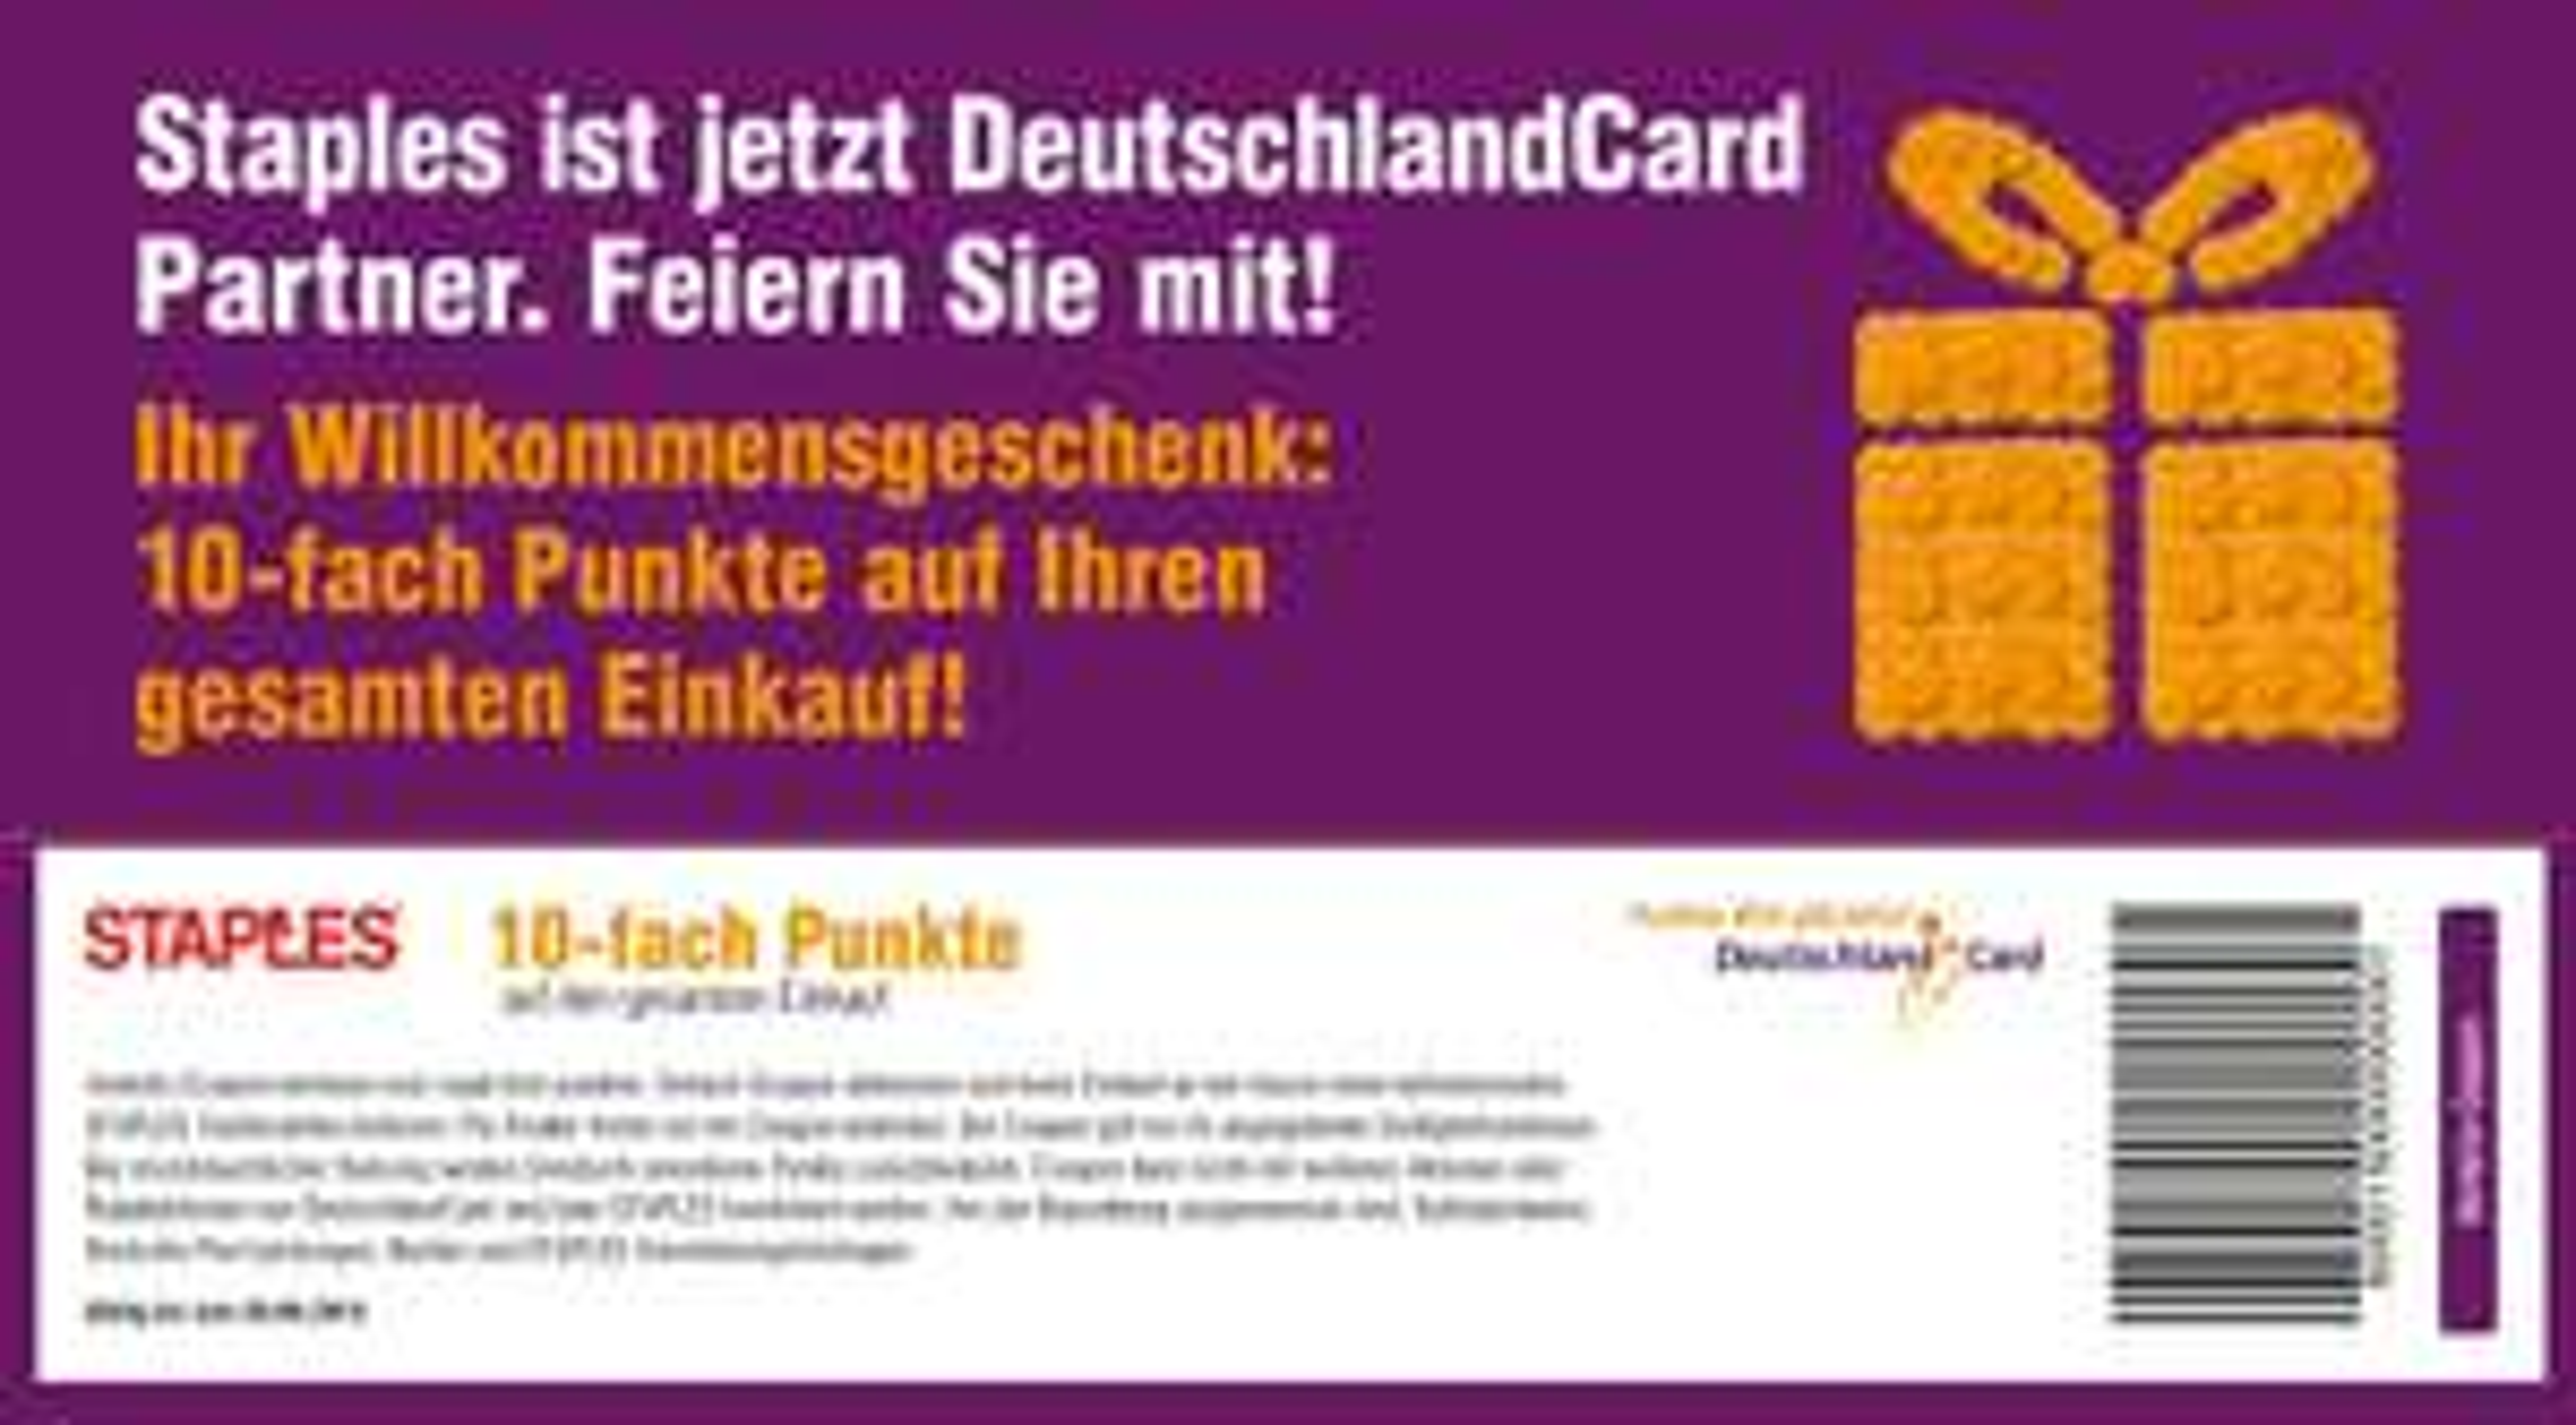 Deutschlandcard jetzt auch bei Staples, deshalb 10-fach Punkte Coupon